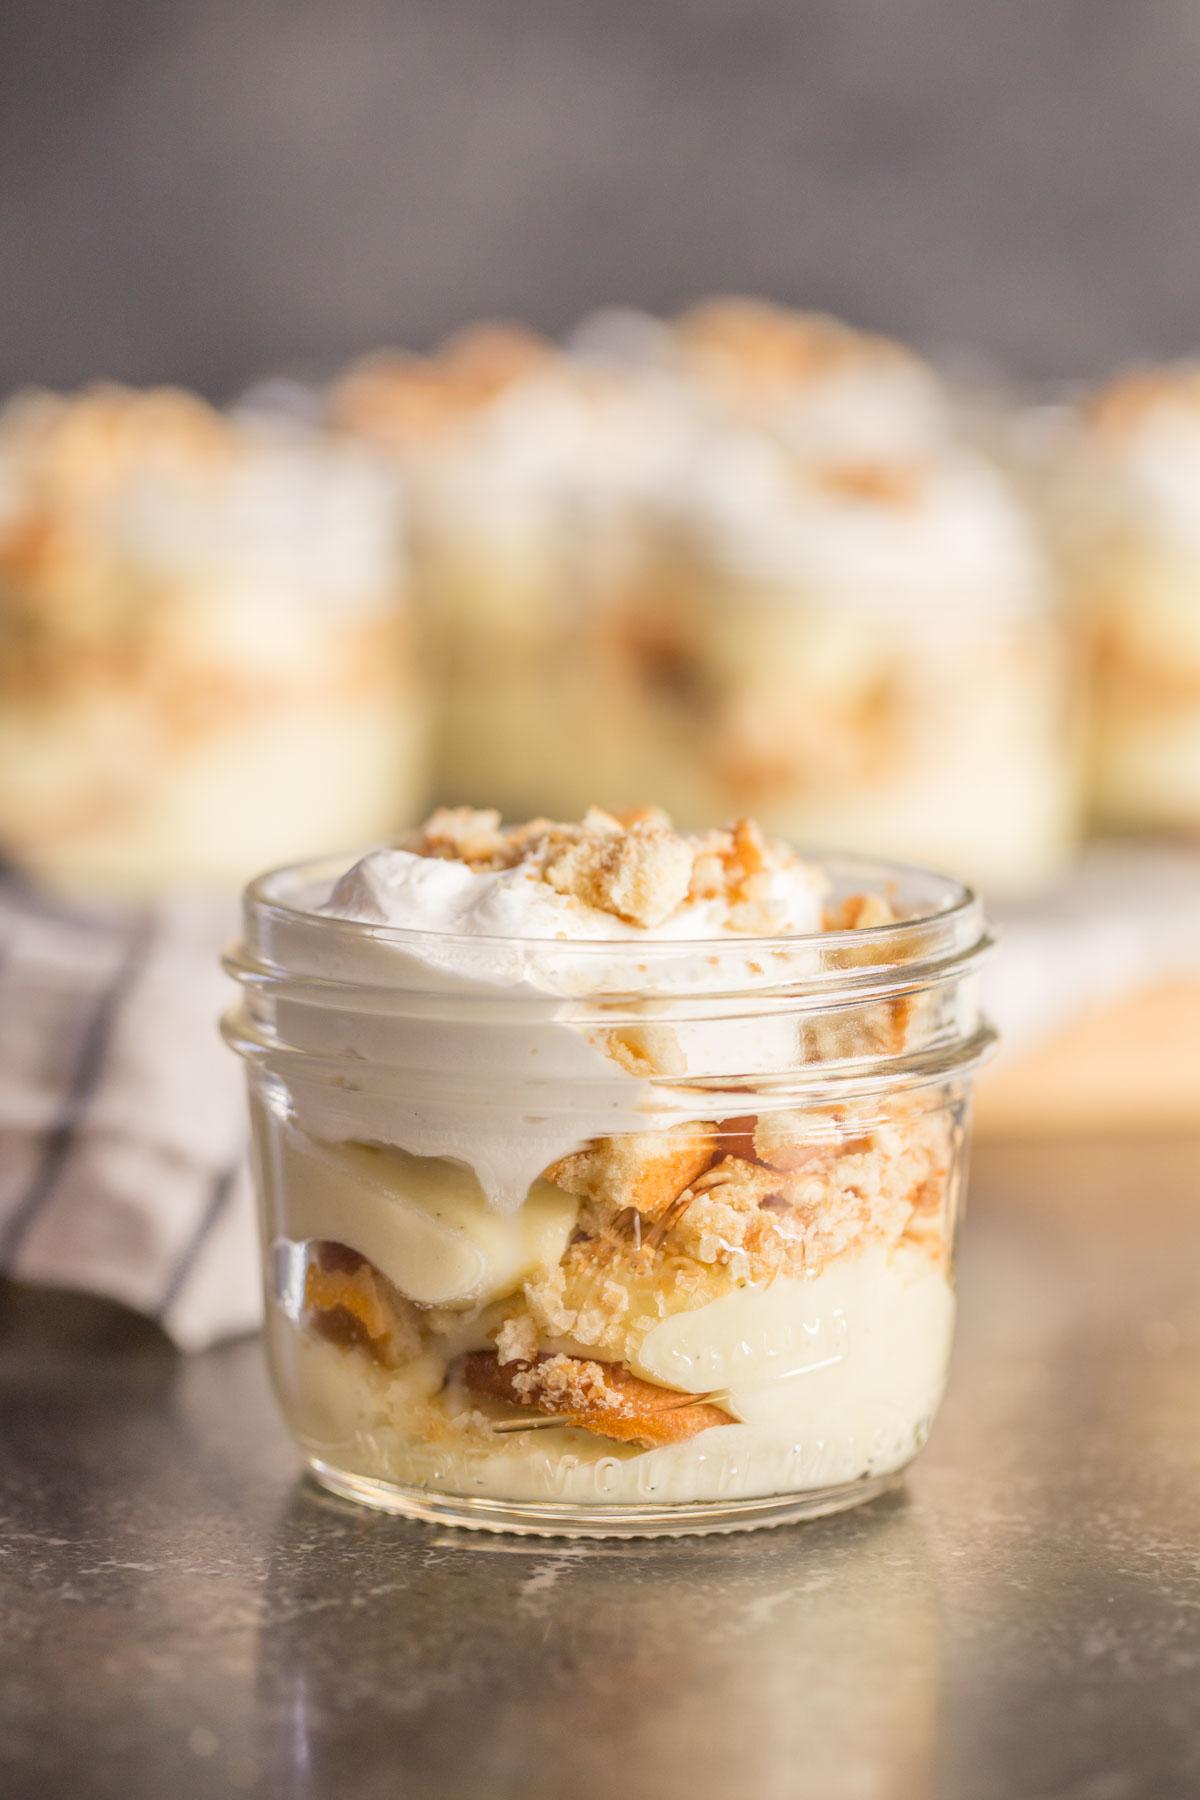 Banana pudding in mason jar with Nilla wafers